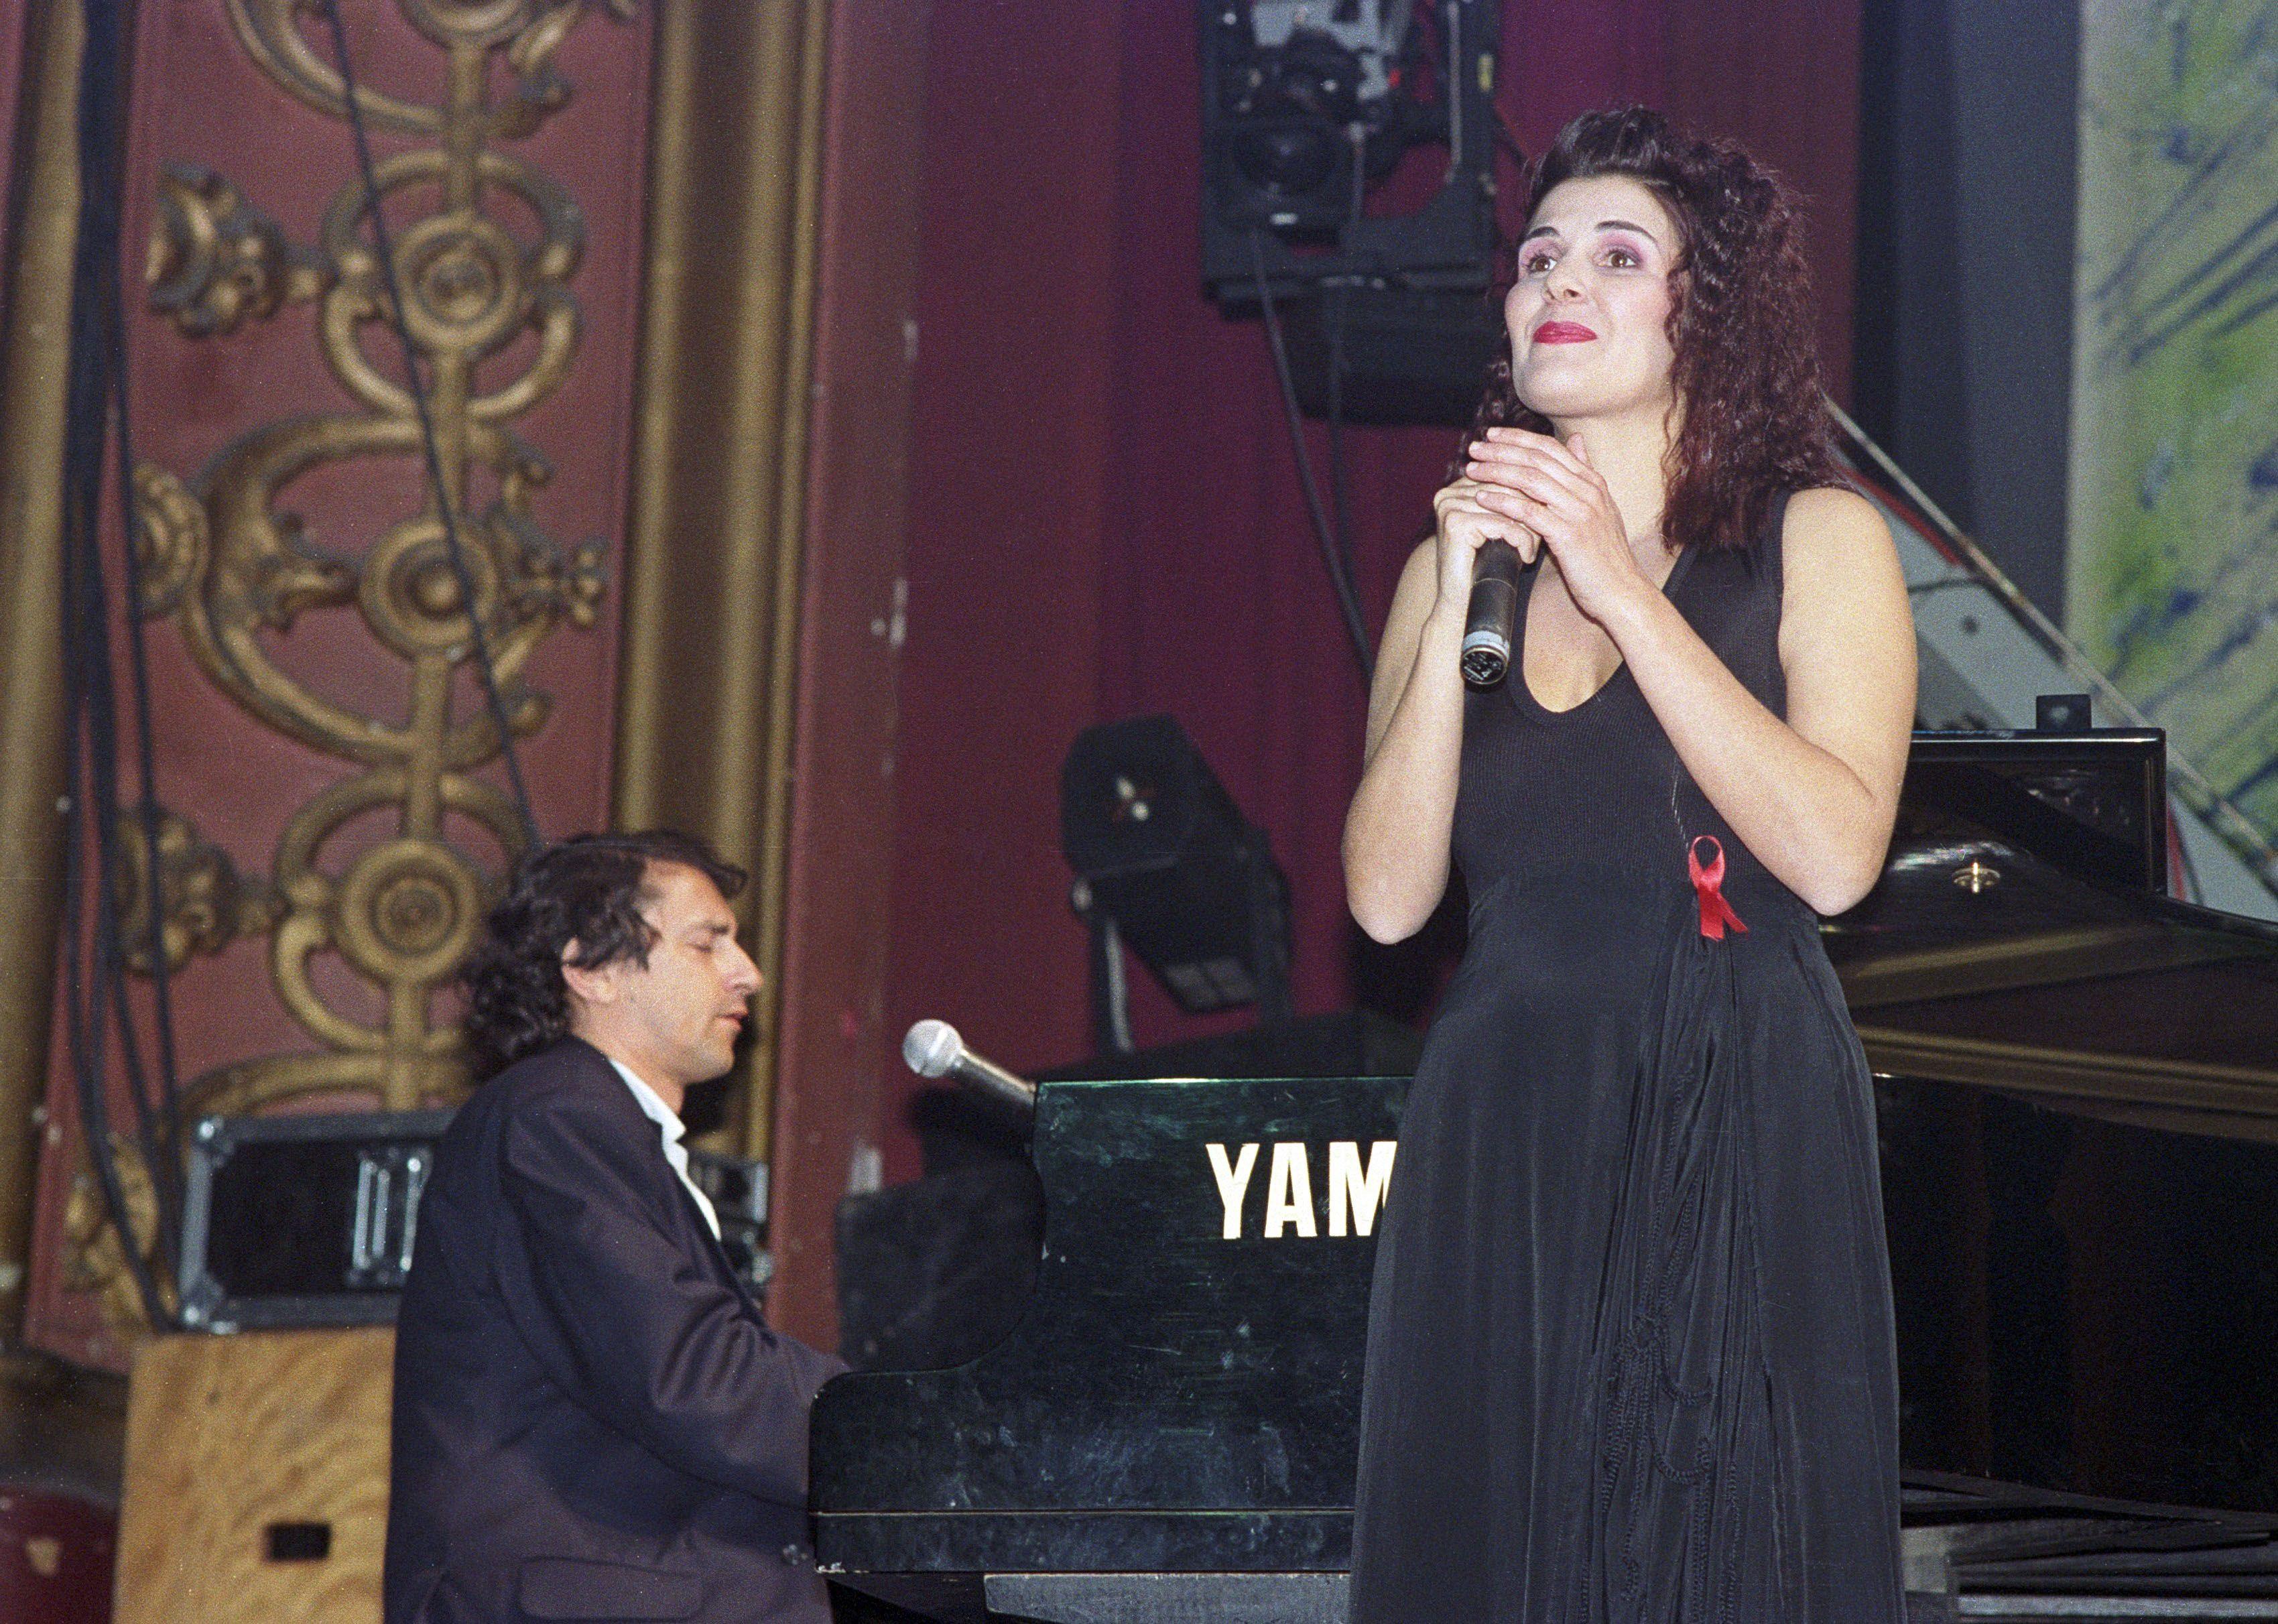 Lena d'Água regressa aos discos 30 anos depois com 'Desalmadamente'